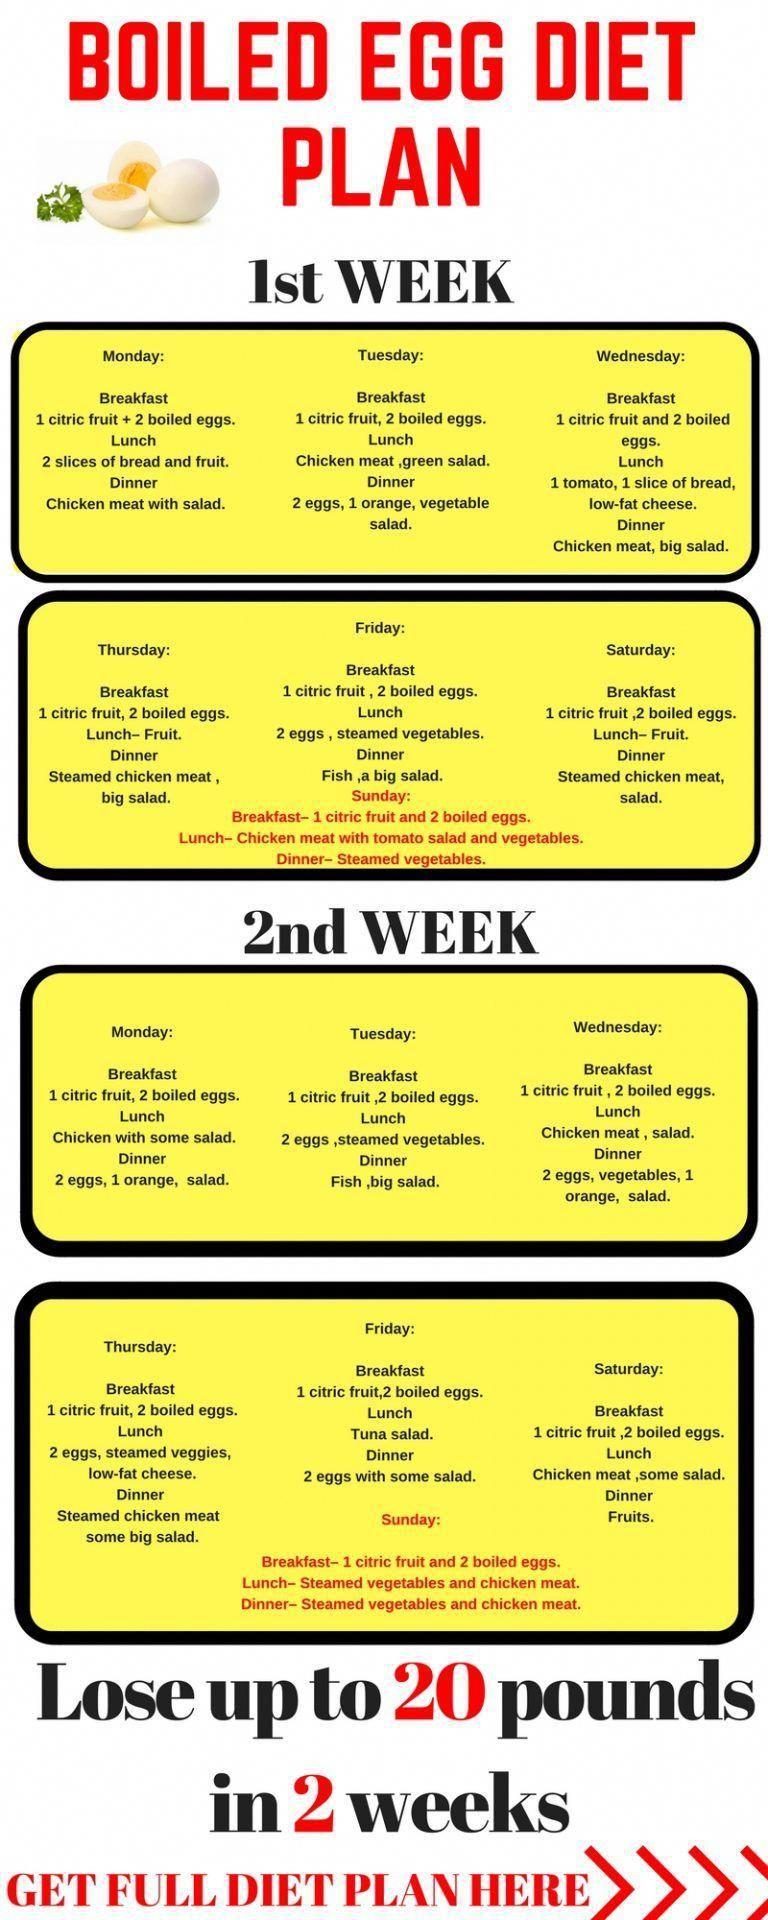 Photo of Die Diät mit gekochtem Ei – verlieren Sie 24 Pfund in nur 2 Wochen! #boiledeggnutrition Boil …